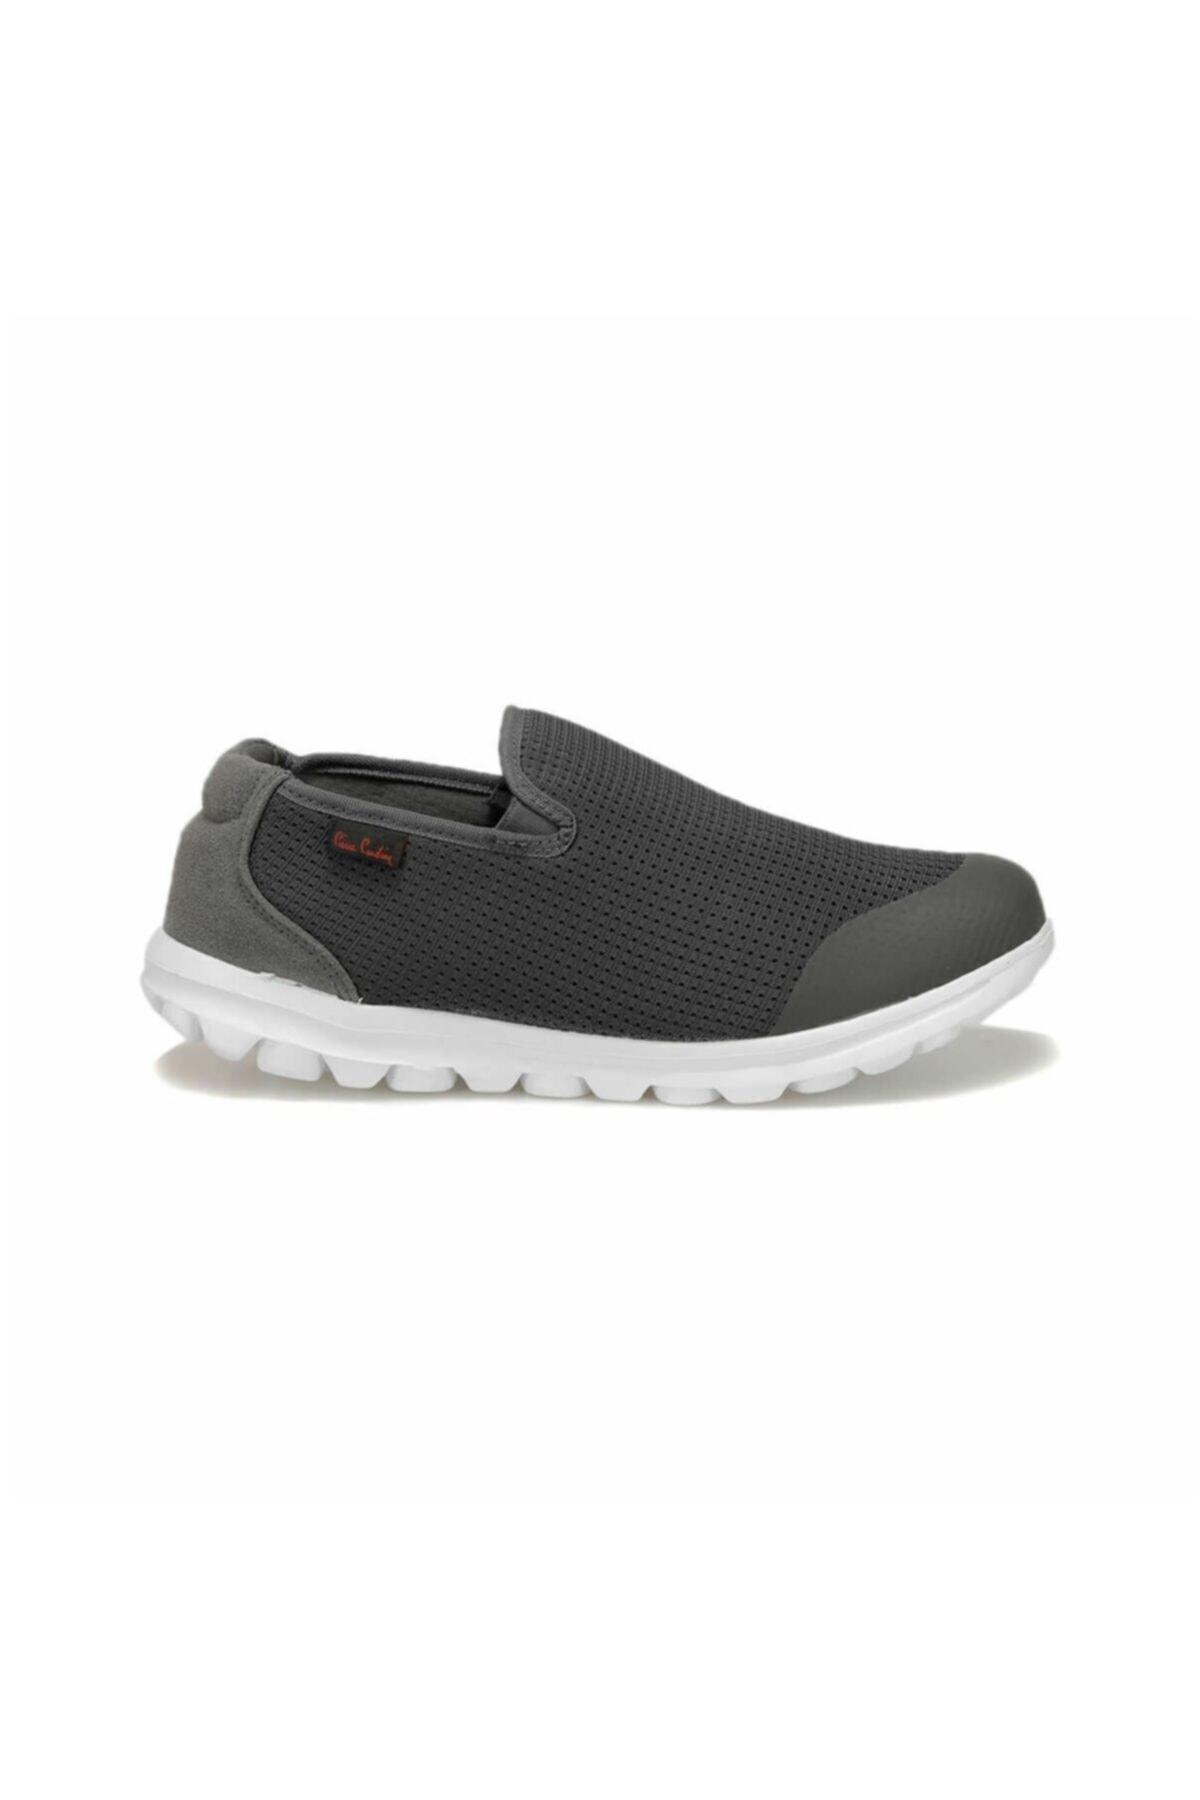 Pierre Cardin 8316 Erkek Ayakkabı 1